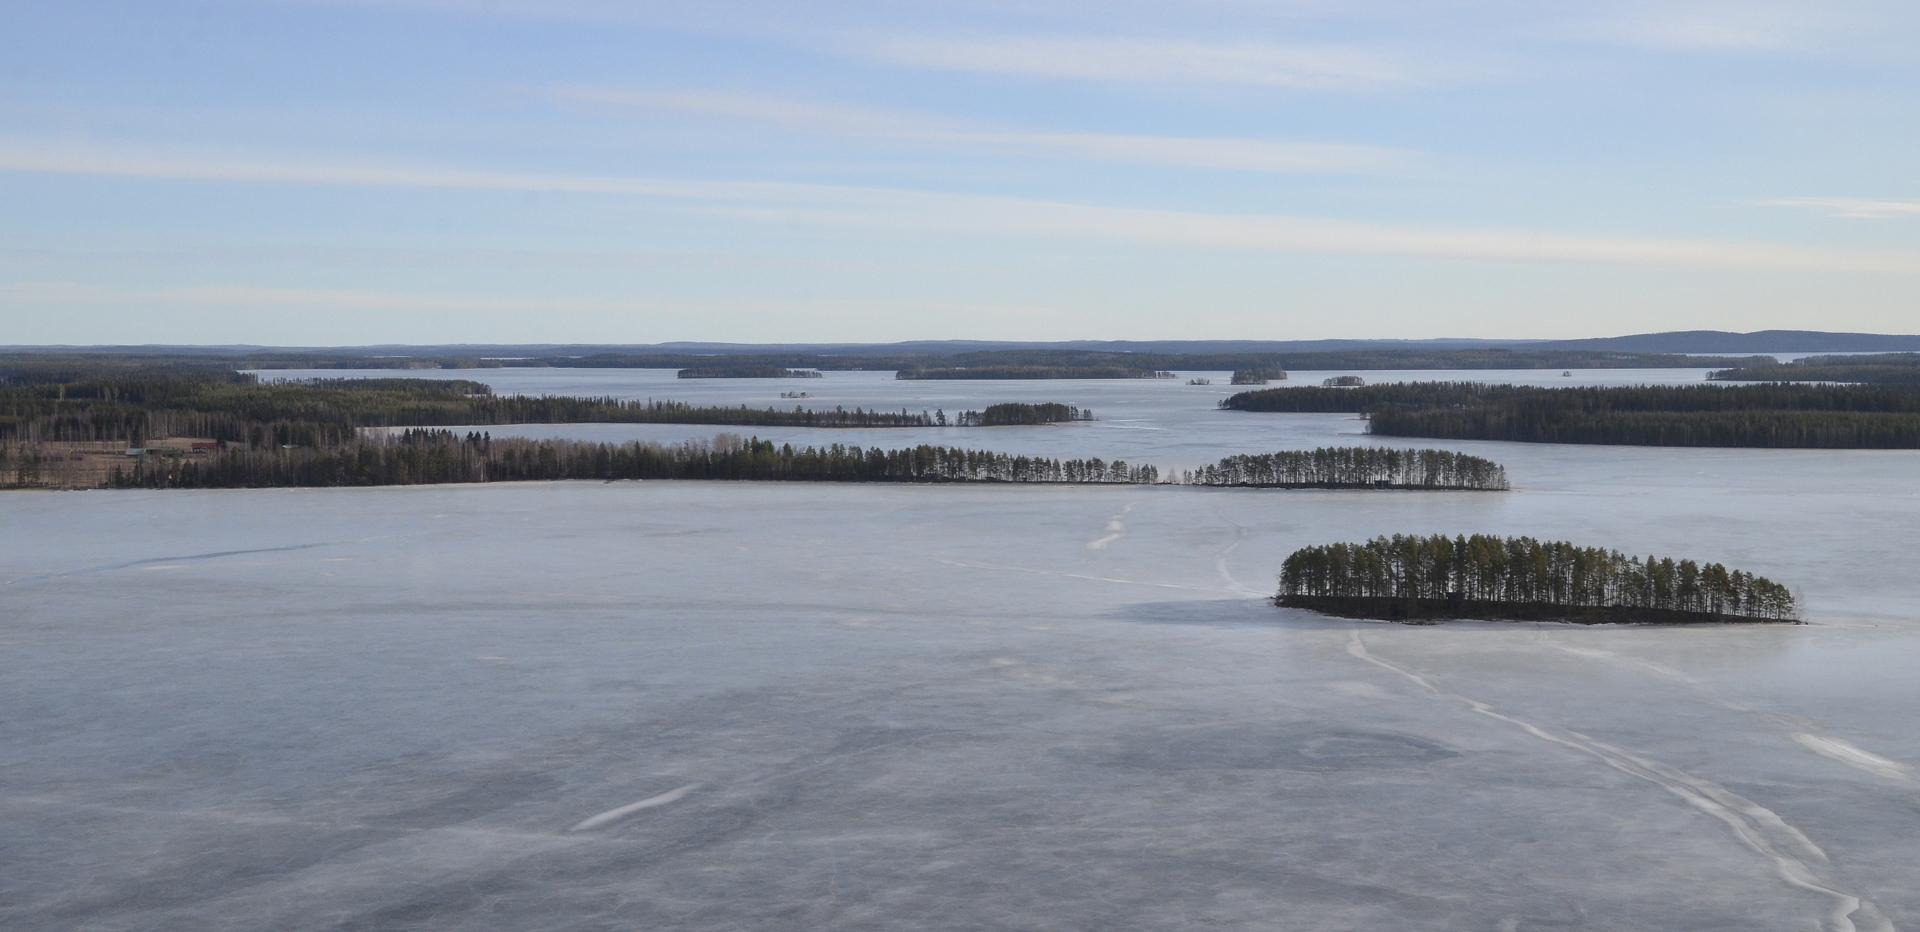 Näkymä Soskonniemen yli. oikealla Korisaari.